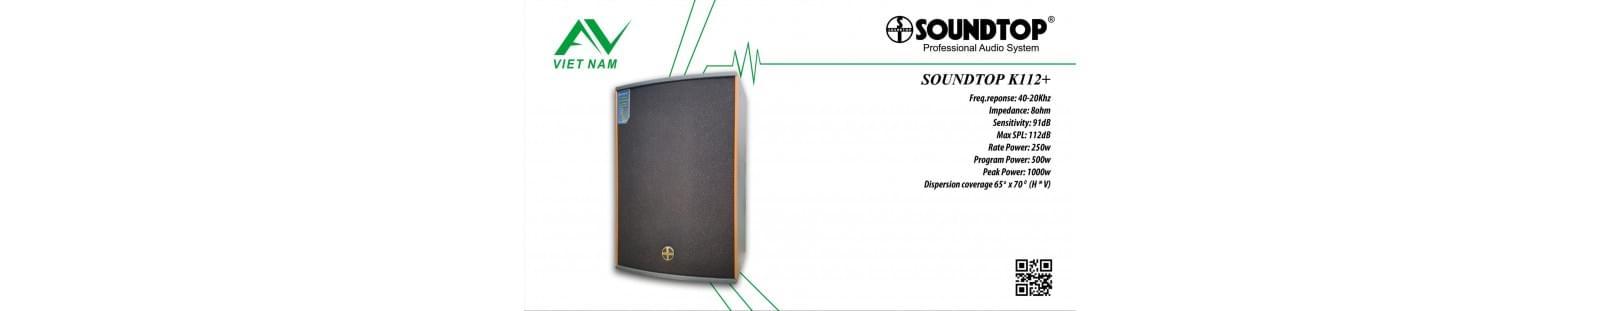 SoundTop K112+